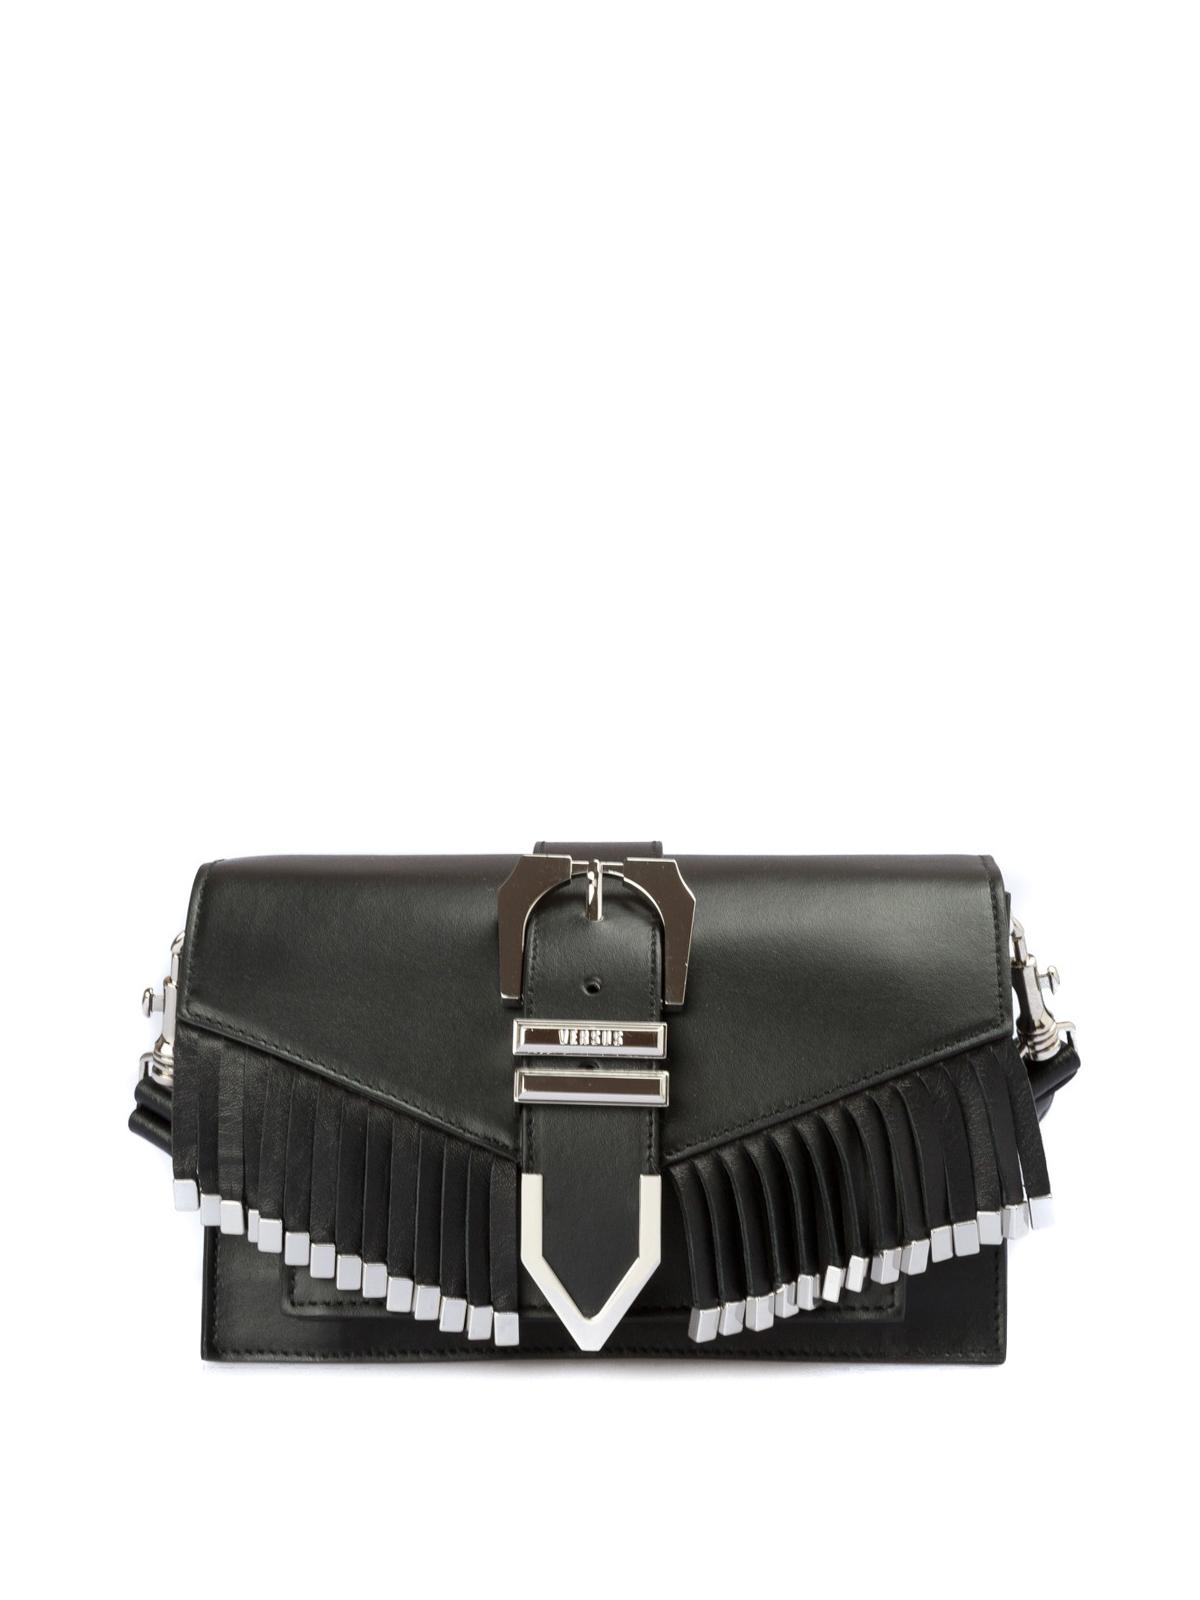 8f409569a9 Versus Versace: borse a tracolla - Borsa in pelle con frange e fibbia